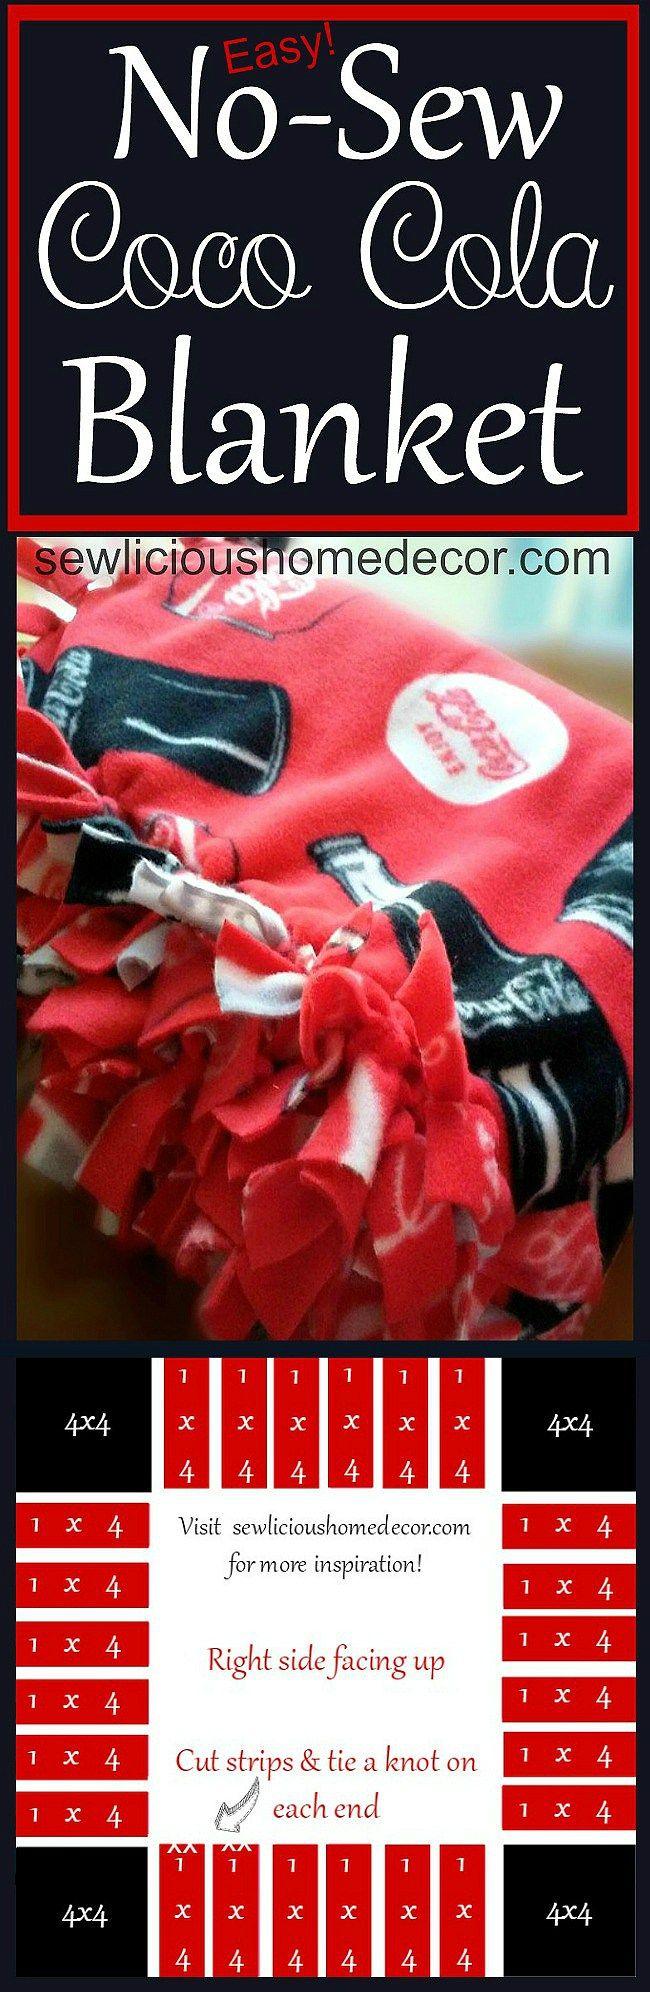 Easy No Sew Coca Cola Blanket Tutorial at sewlicioushomedecor.com